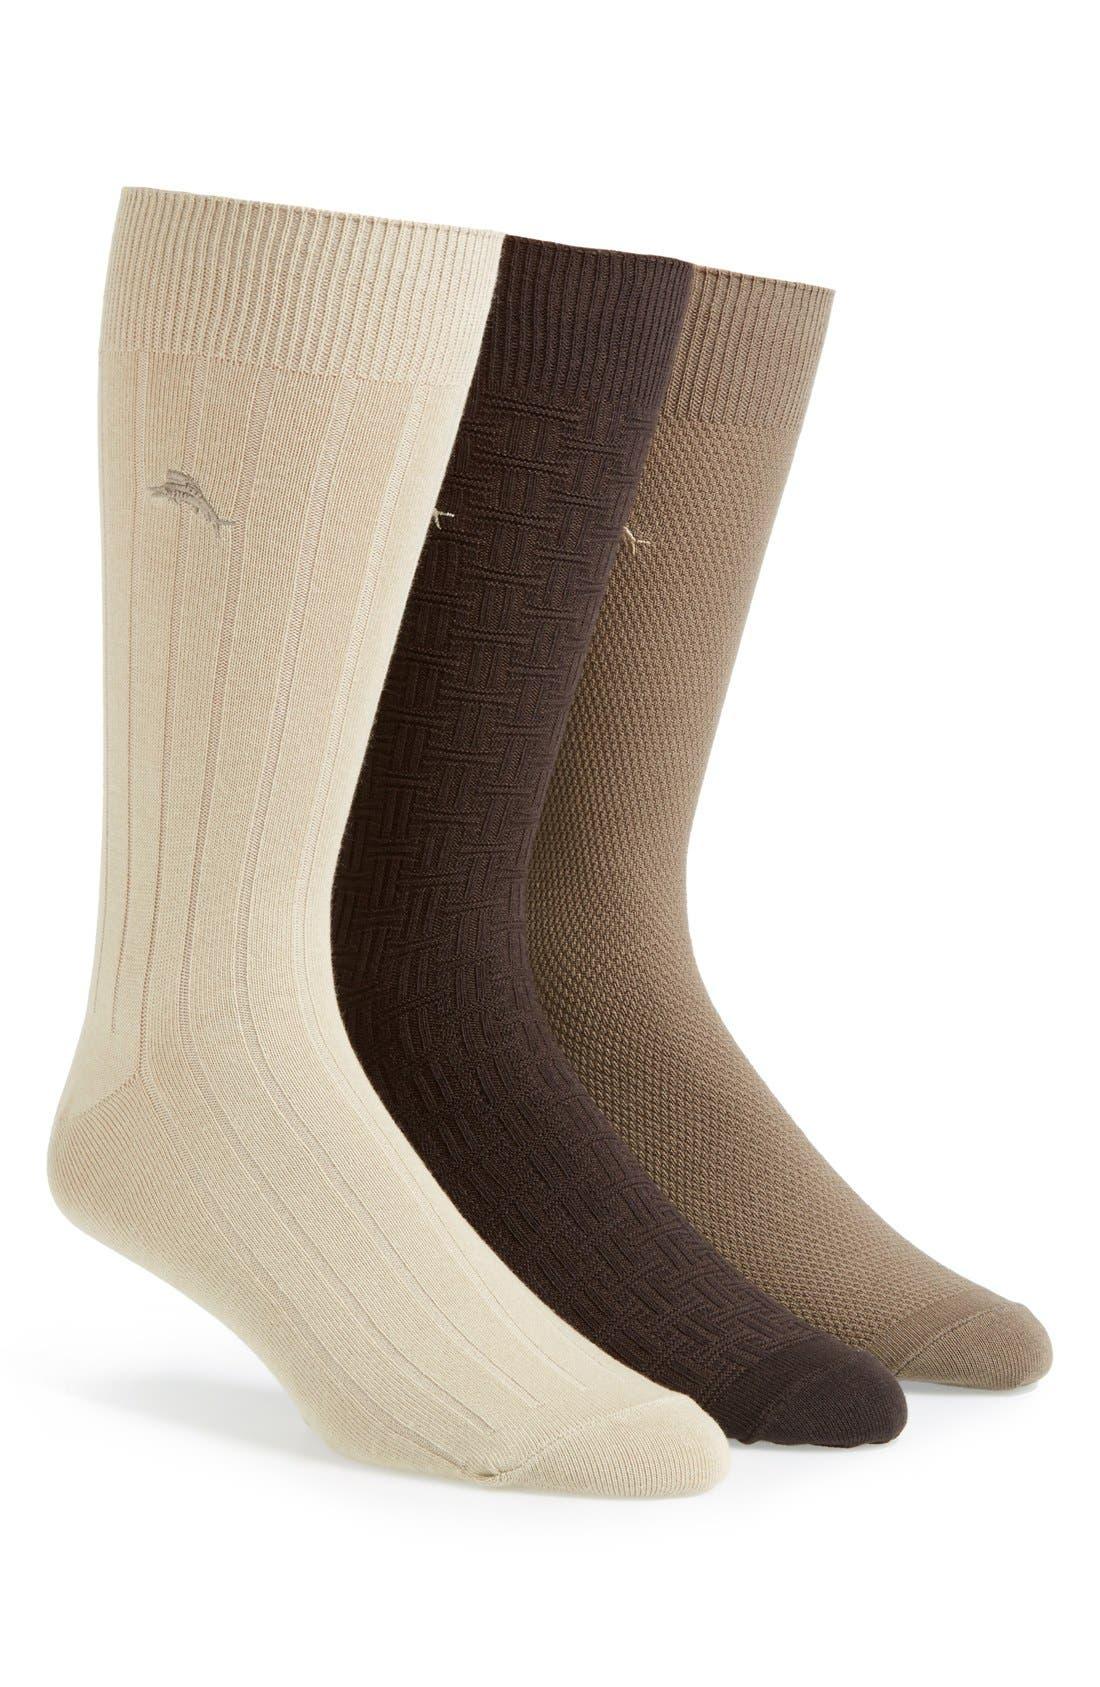 Cotton Blend Socks, Main, color, 250